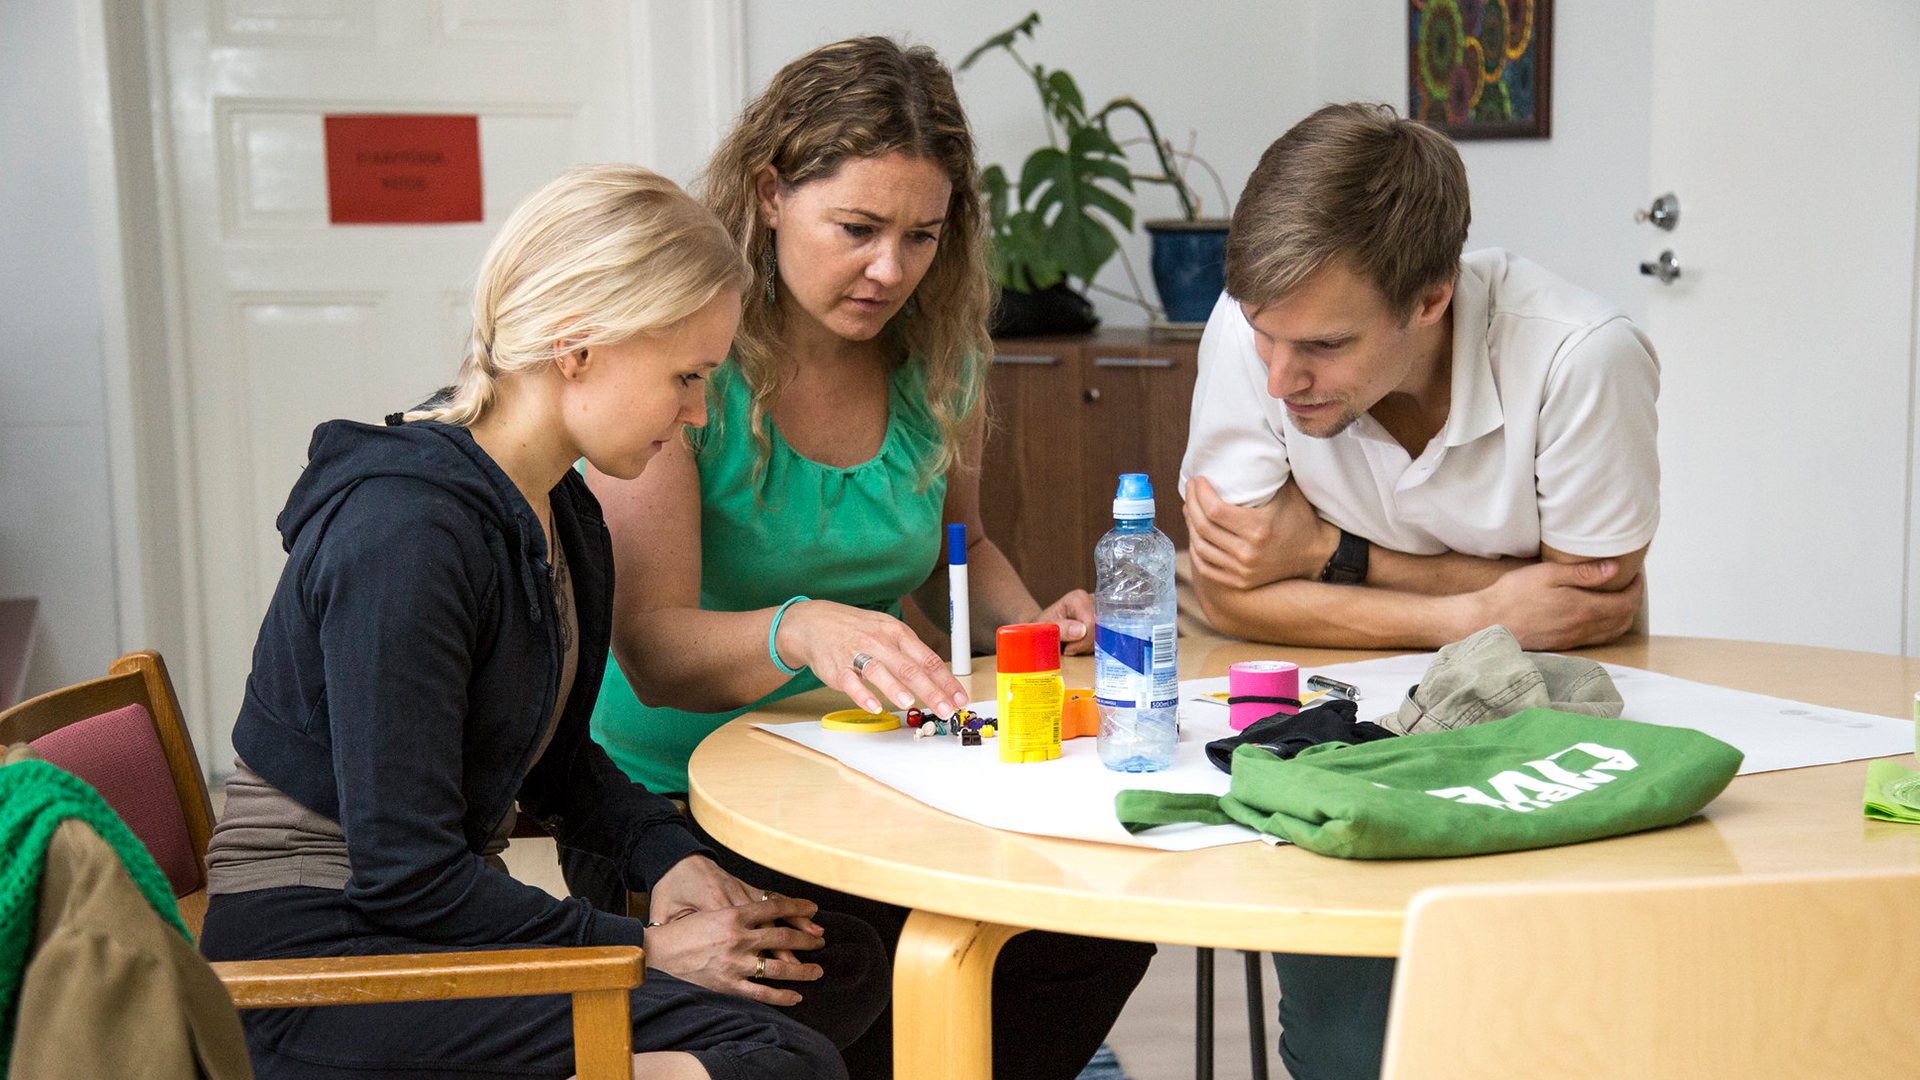 Kolme henkilöä istuu pöydän äärellä ja suunnittelee.